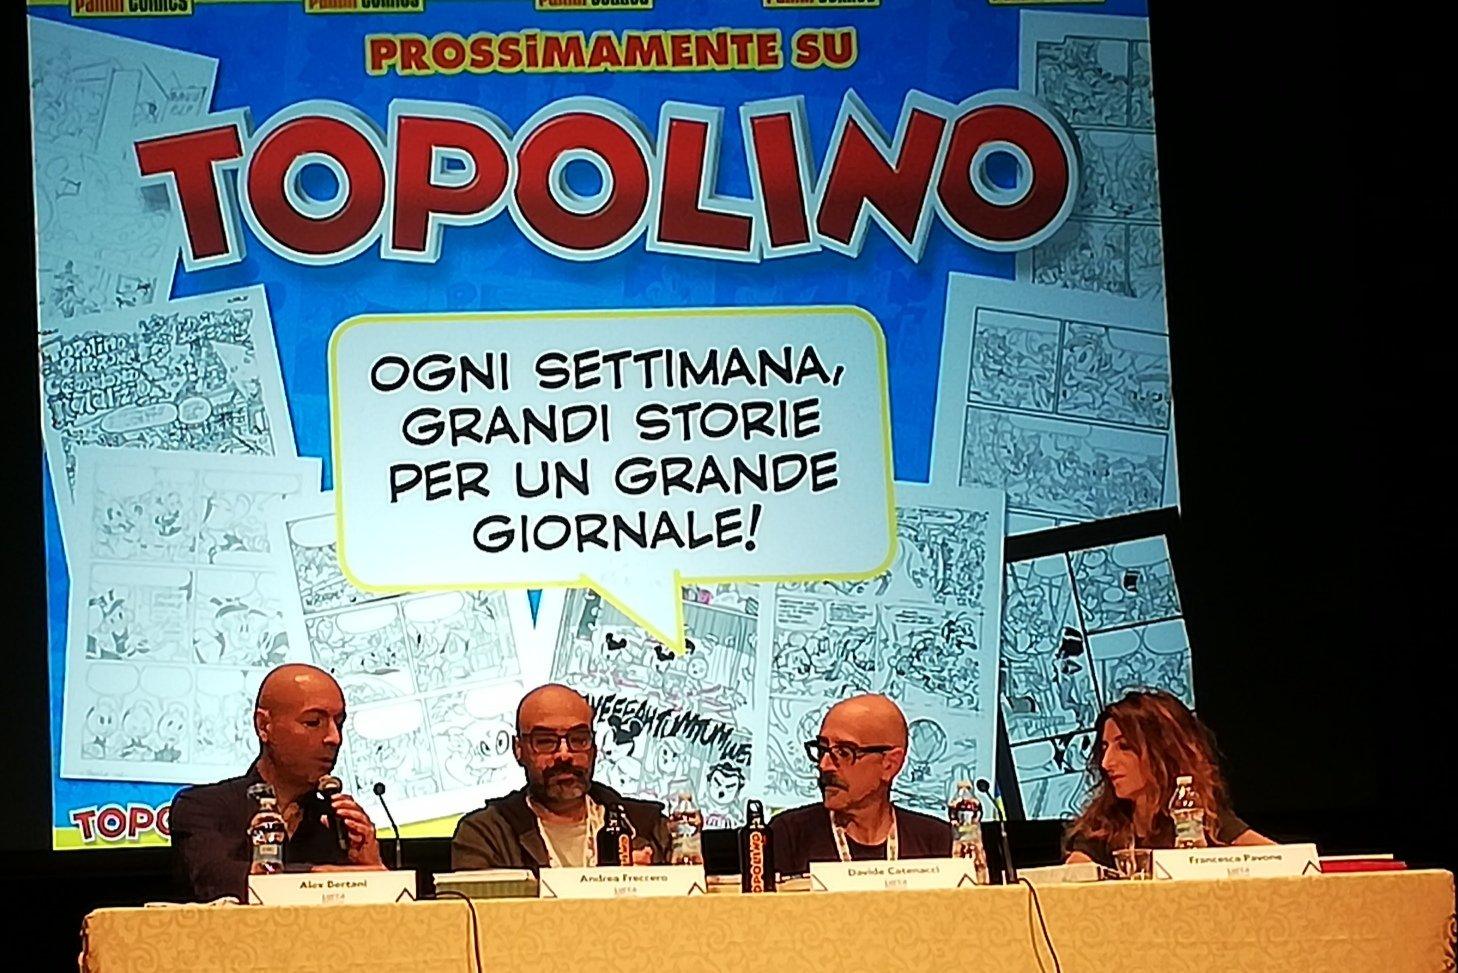 Lucca 2019 – Prossimamente su Topolino